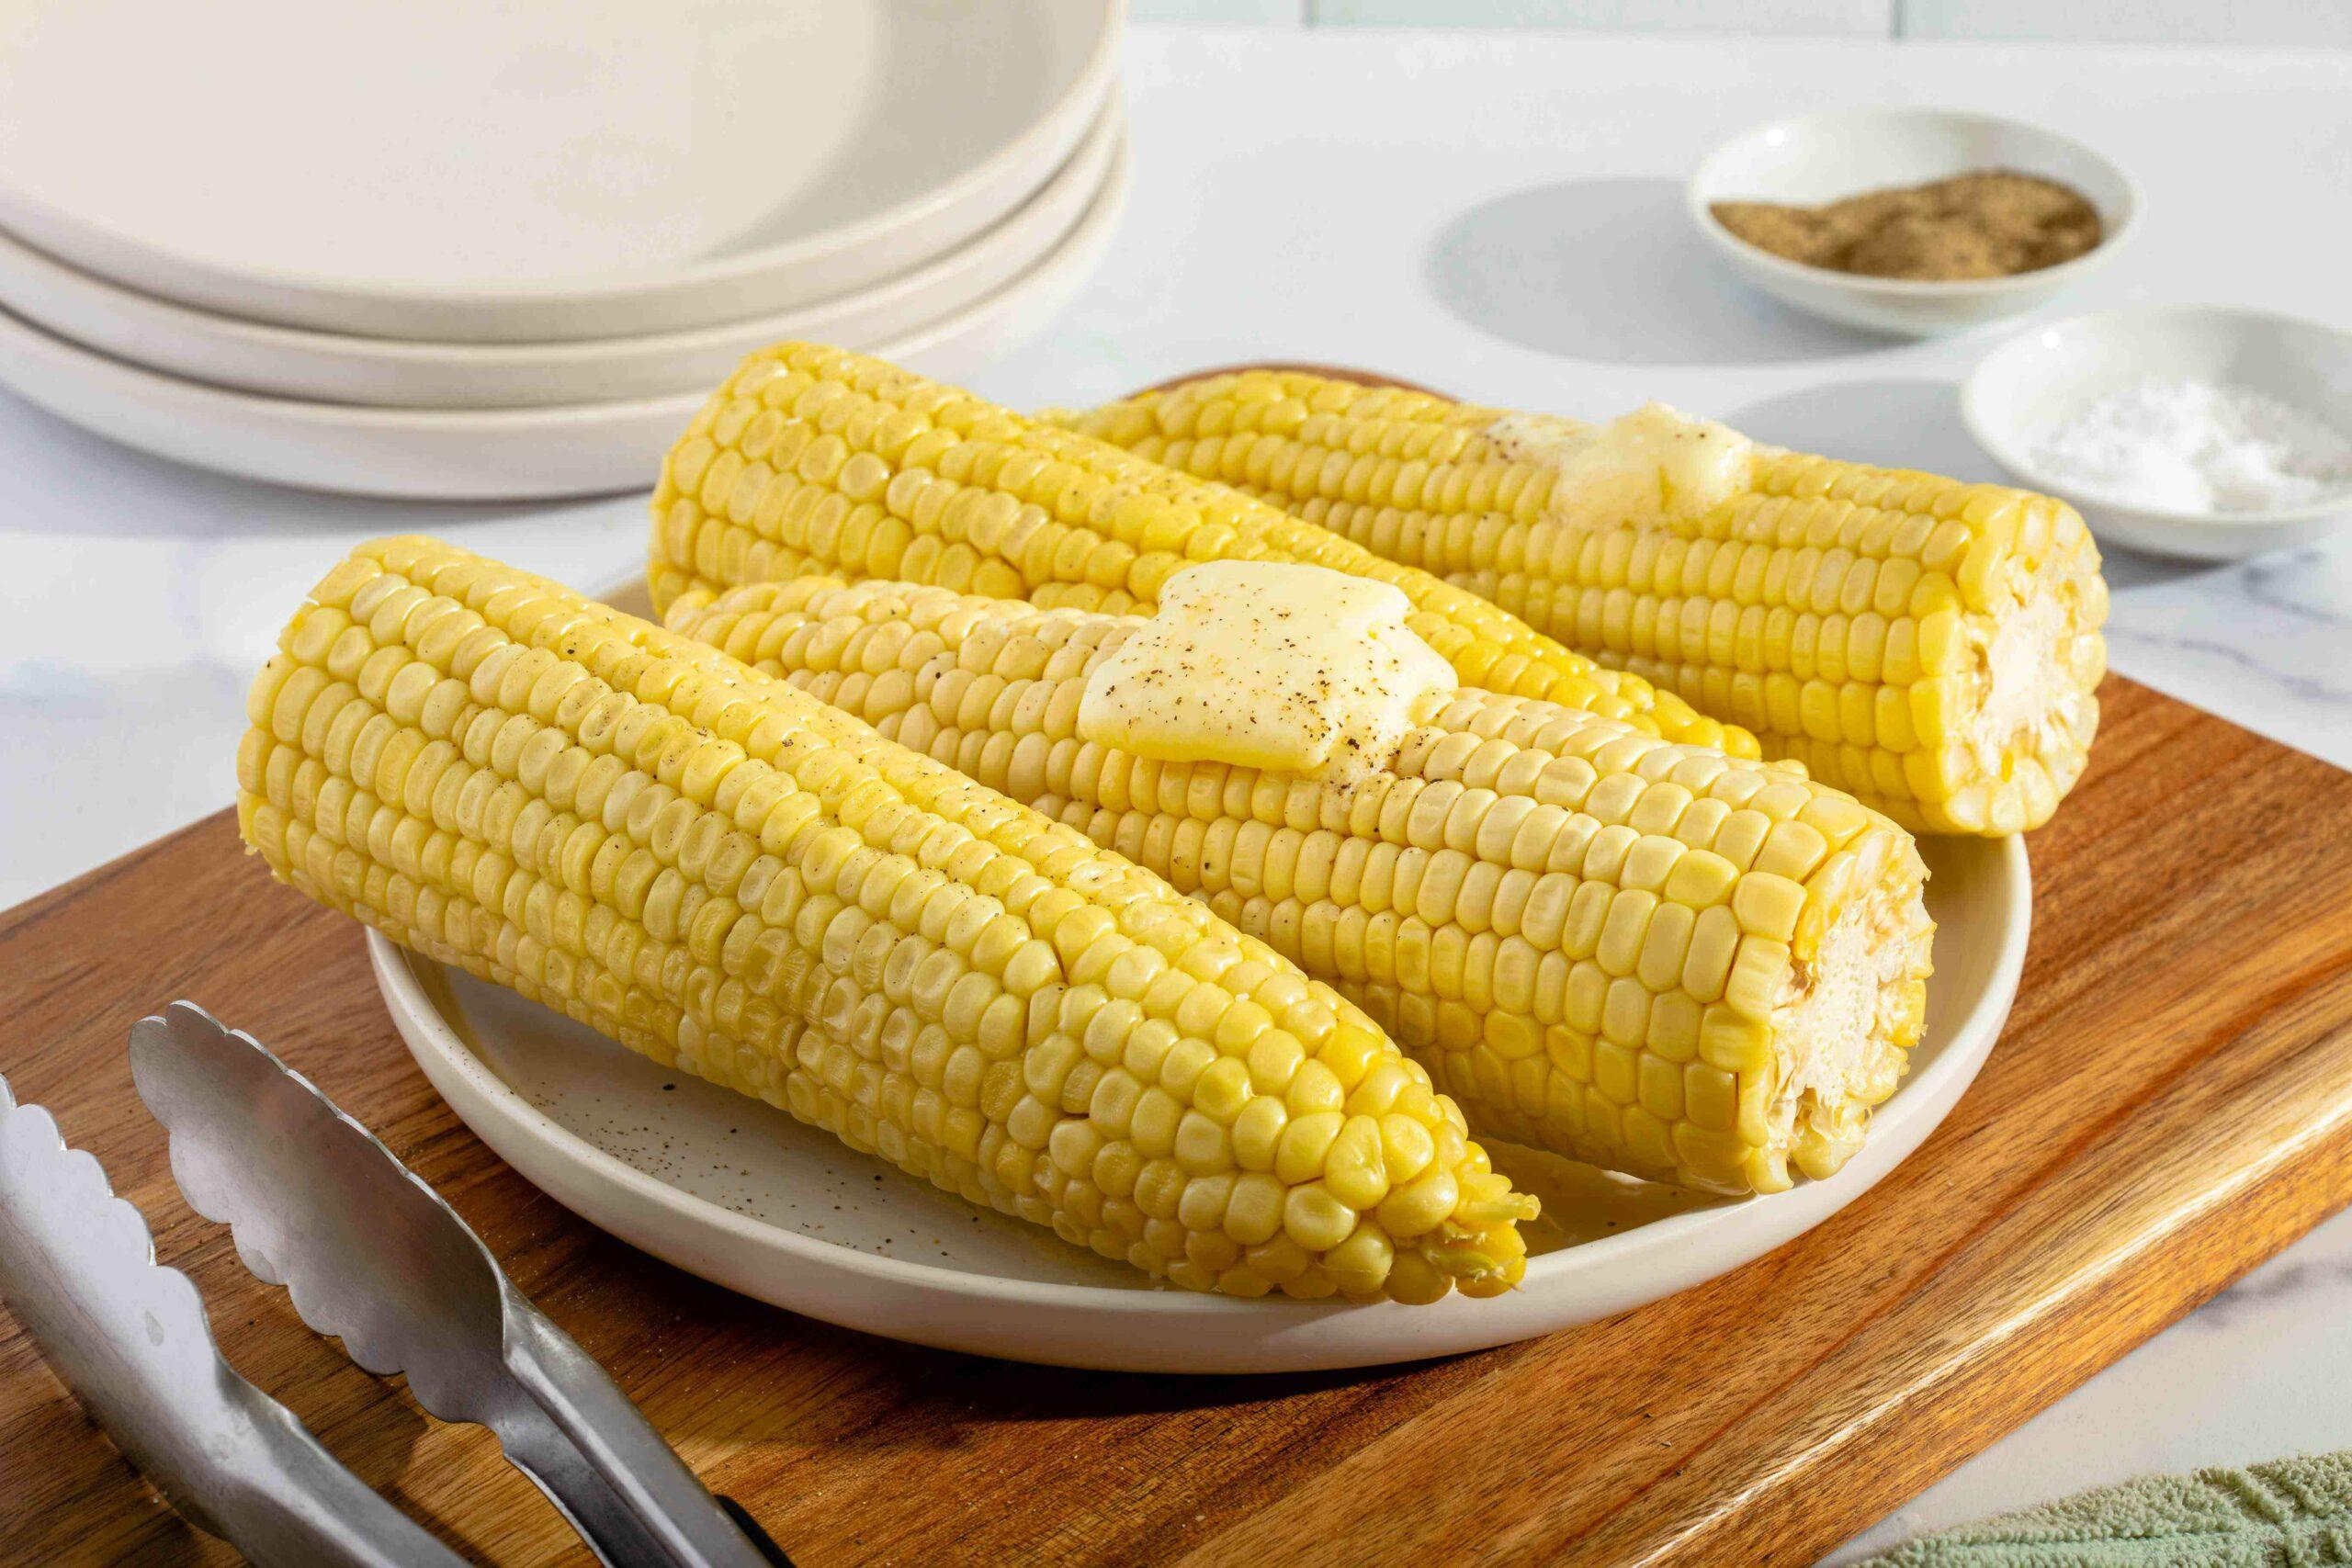 Comment faire cuire des épis de maïs